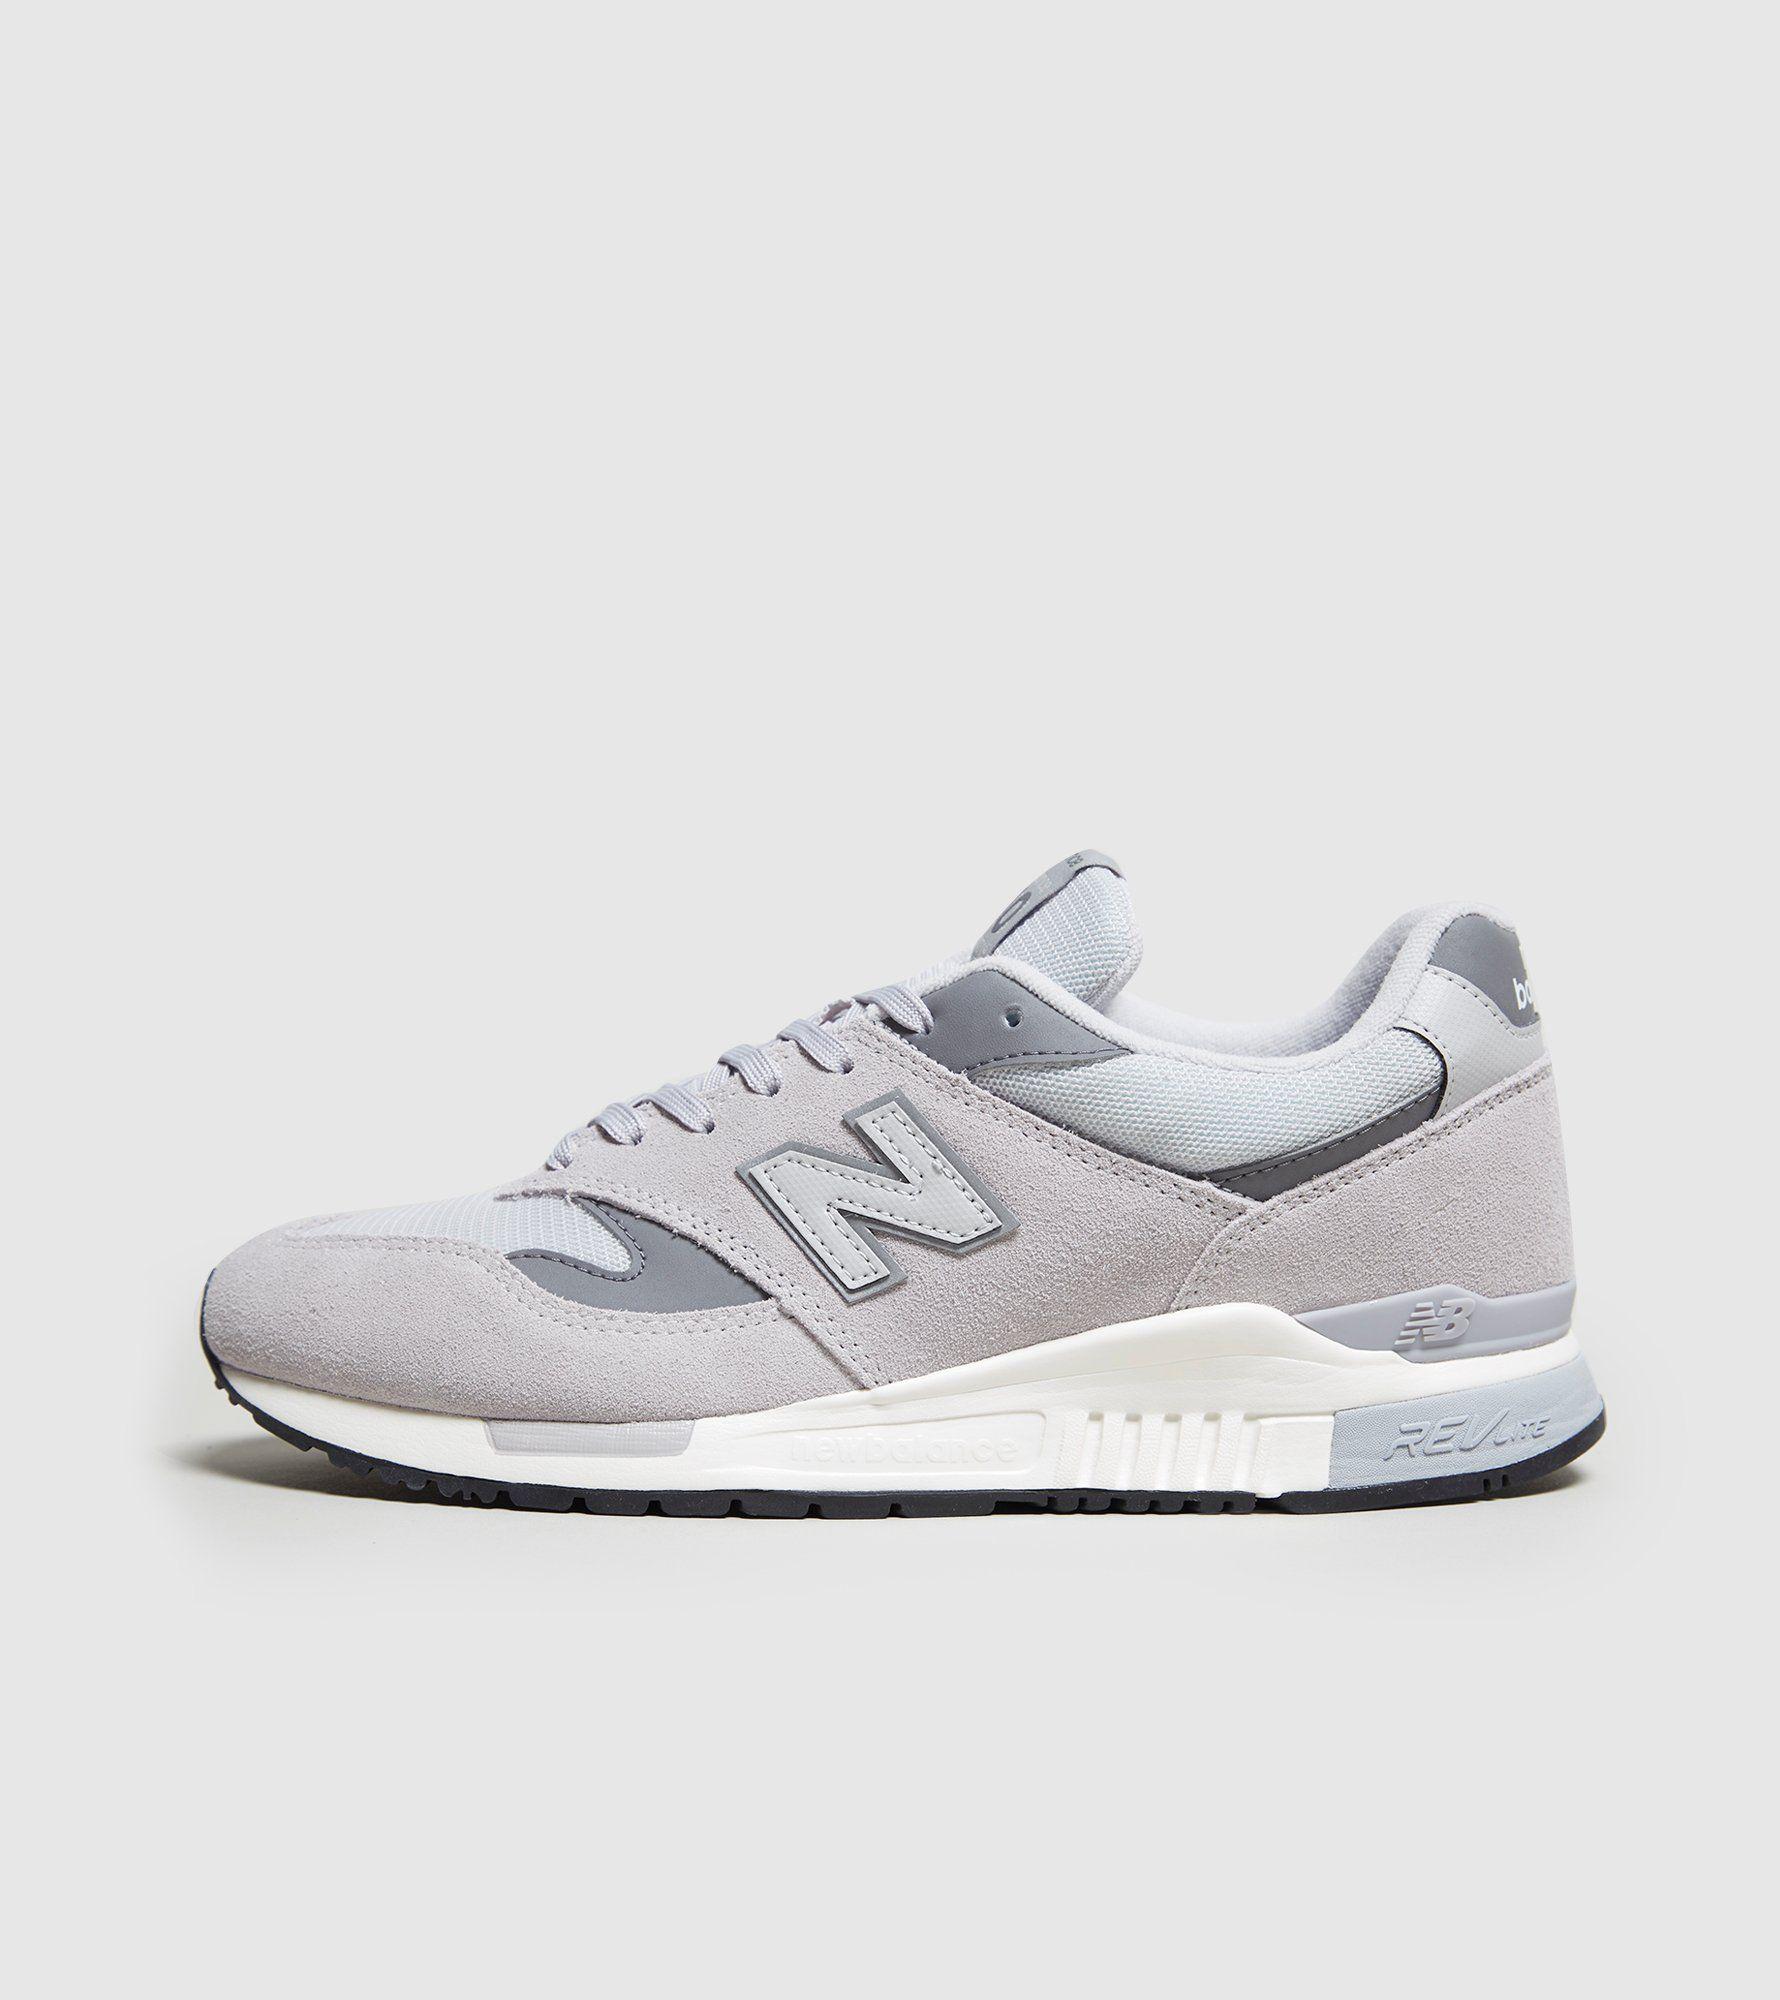 New Balance 840 Chaussures De Sport Logo - Gris